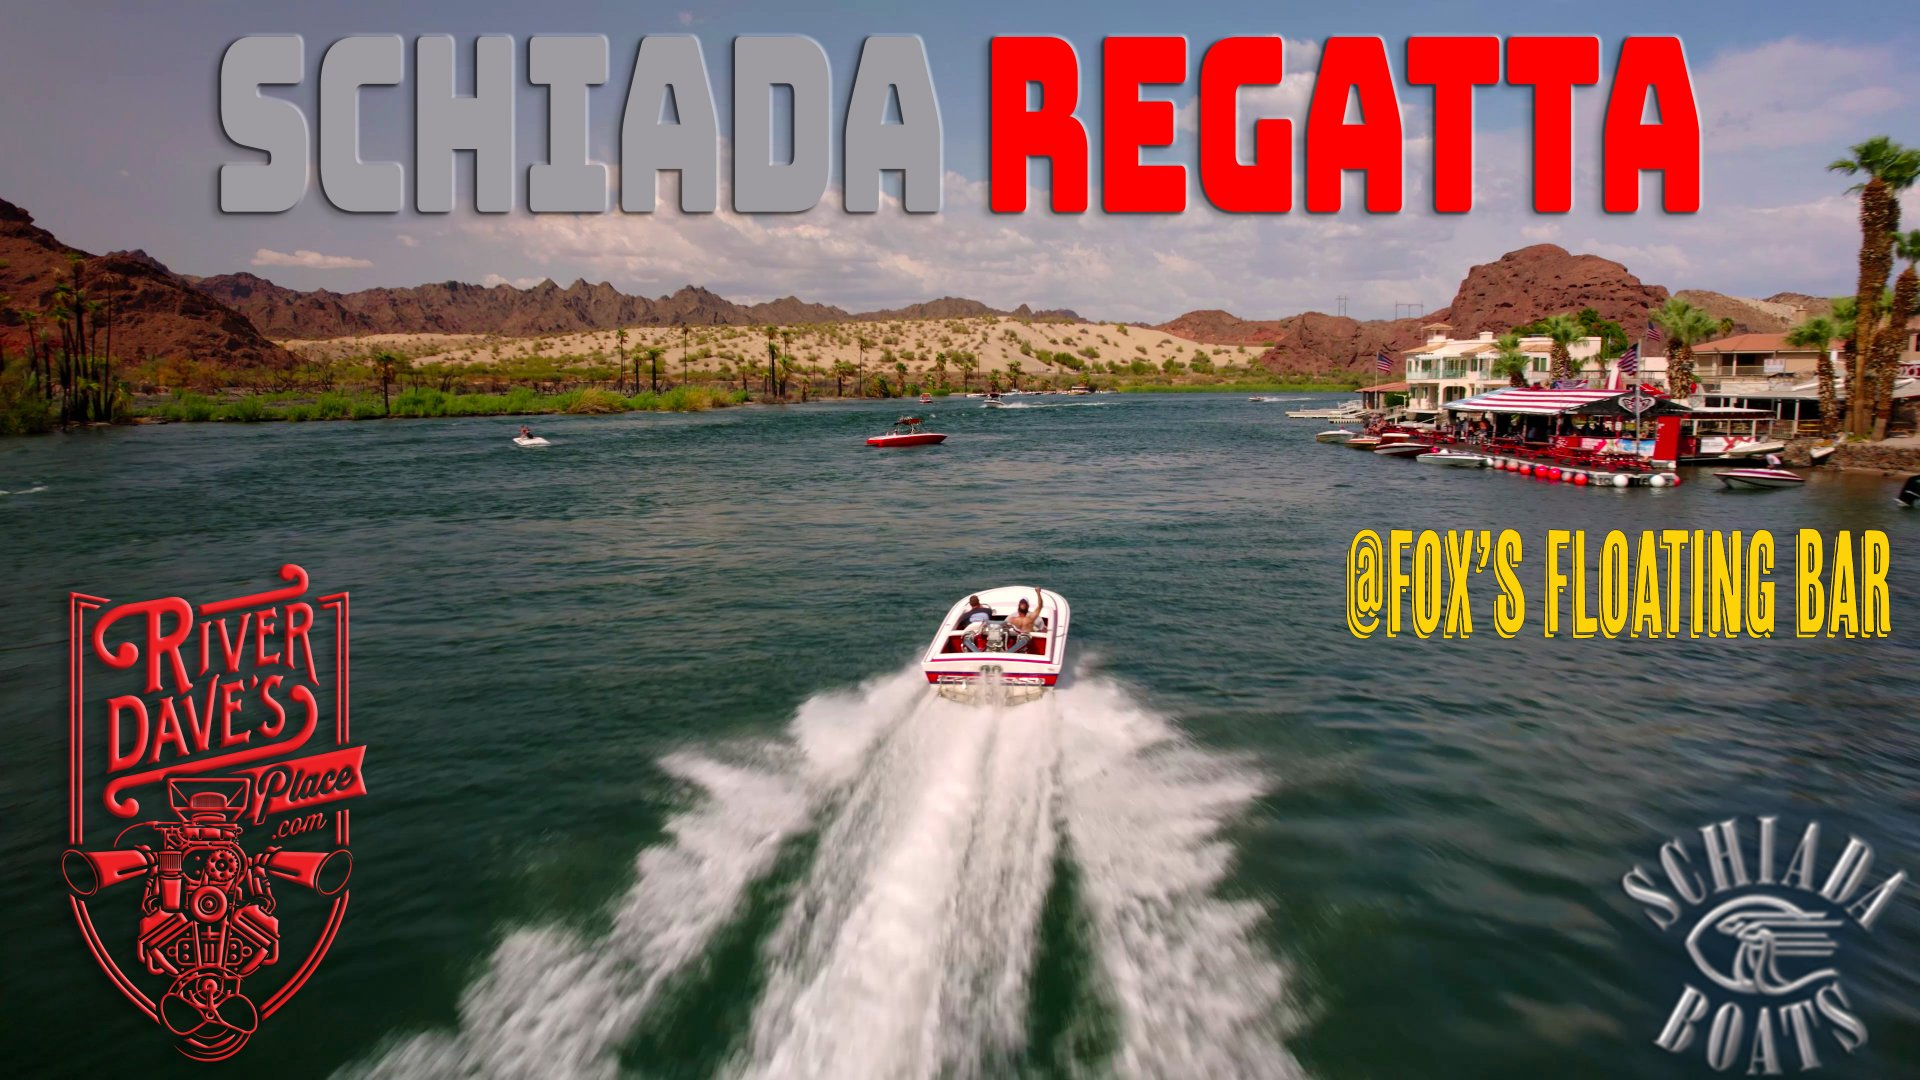 Sciada Regatta Thumb.jpg